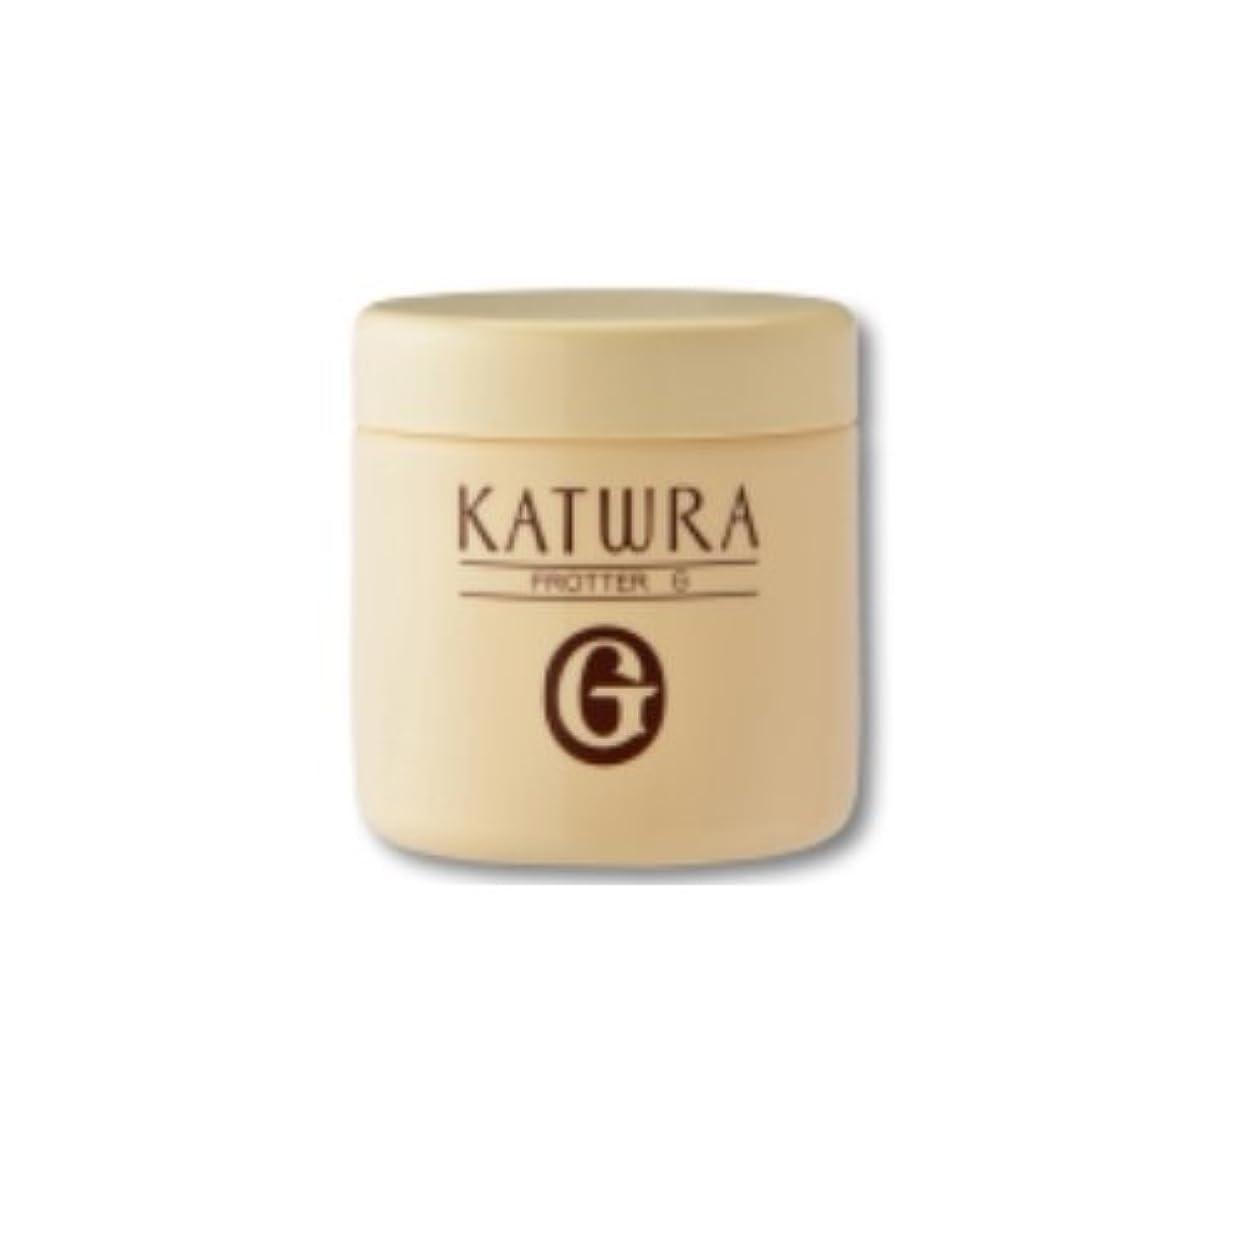 繁殖パンカップルカツウラ フローテG 500g (角質ケア洗顔料)